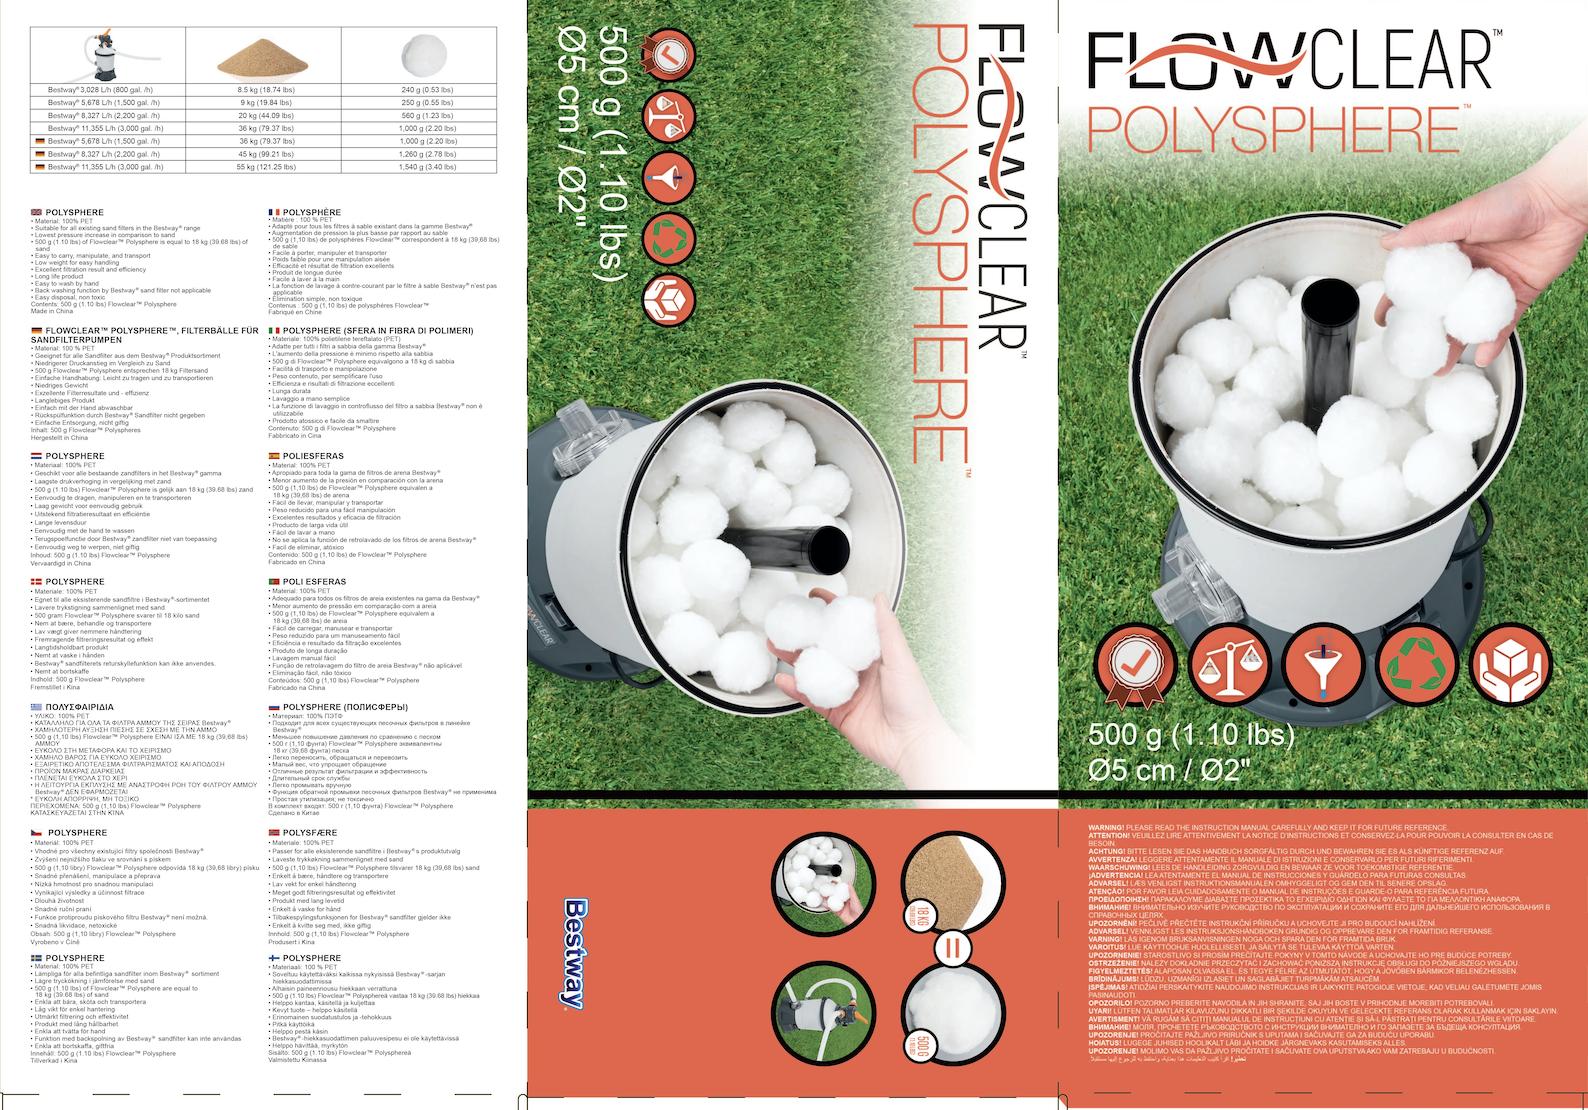 Polysphere Flowclear/ Bestway-2